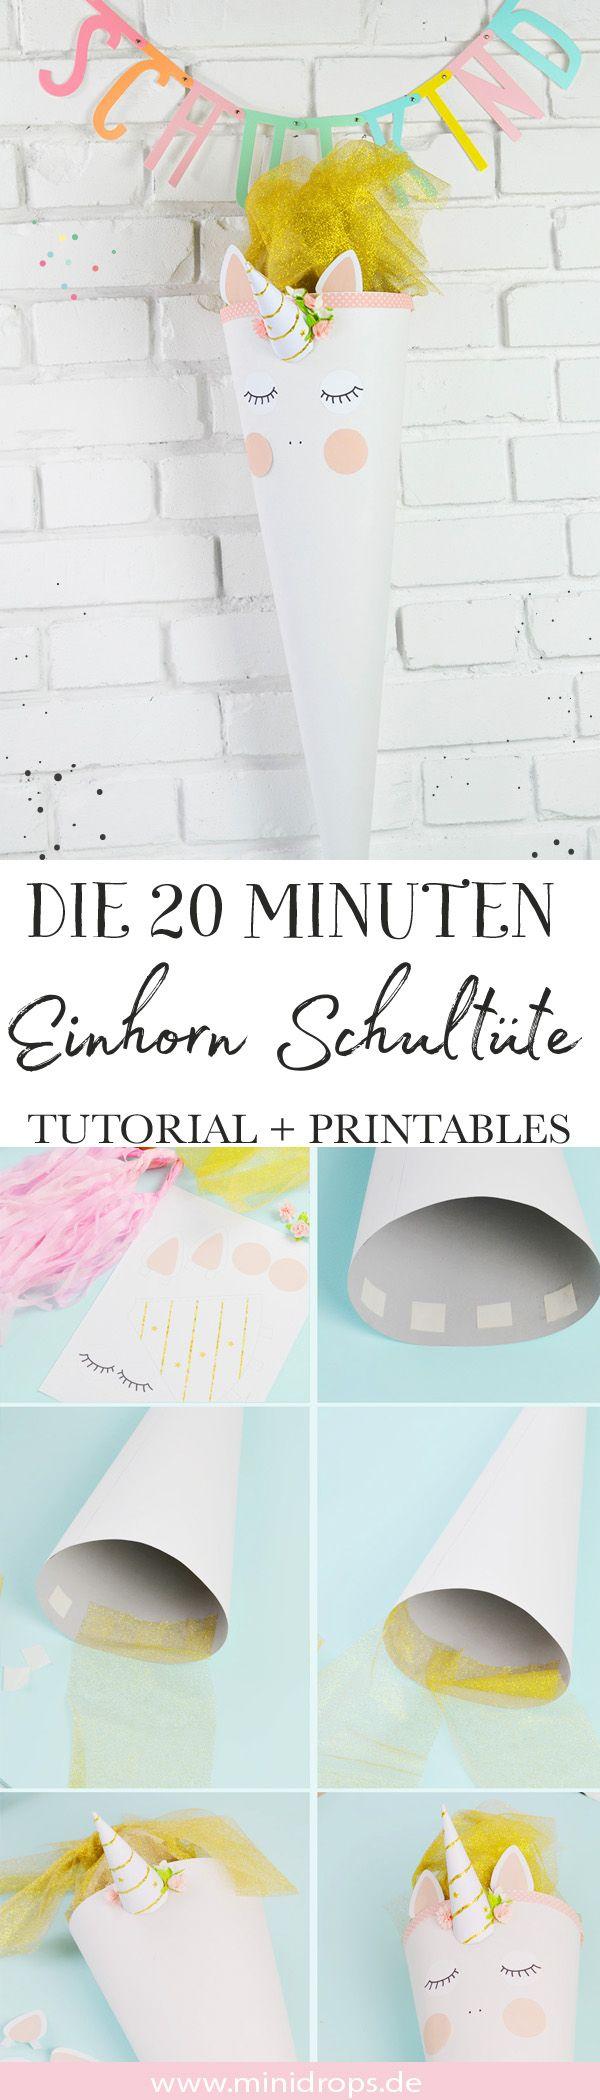 DIY Einhorn Schultüte basteln